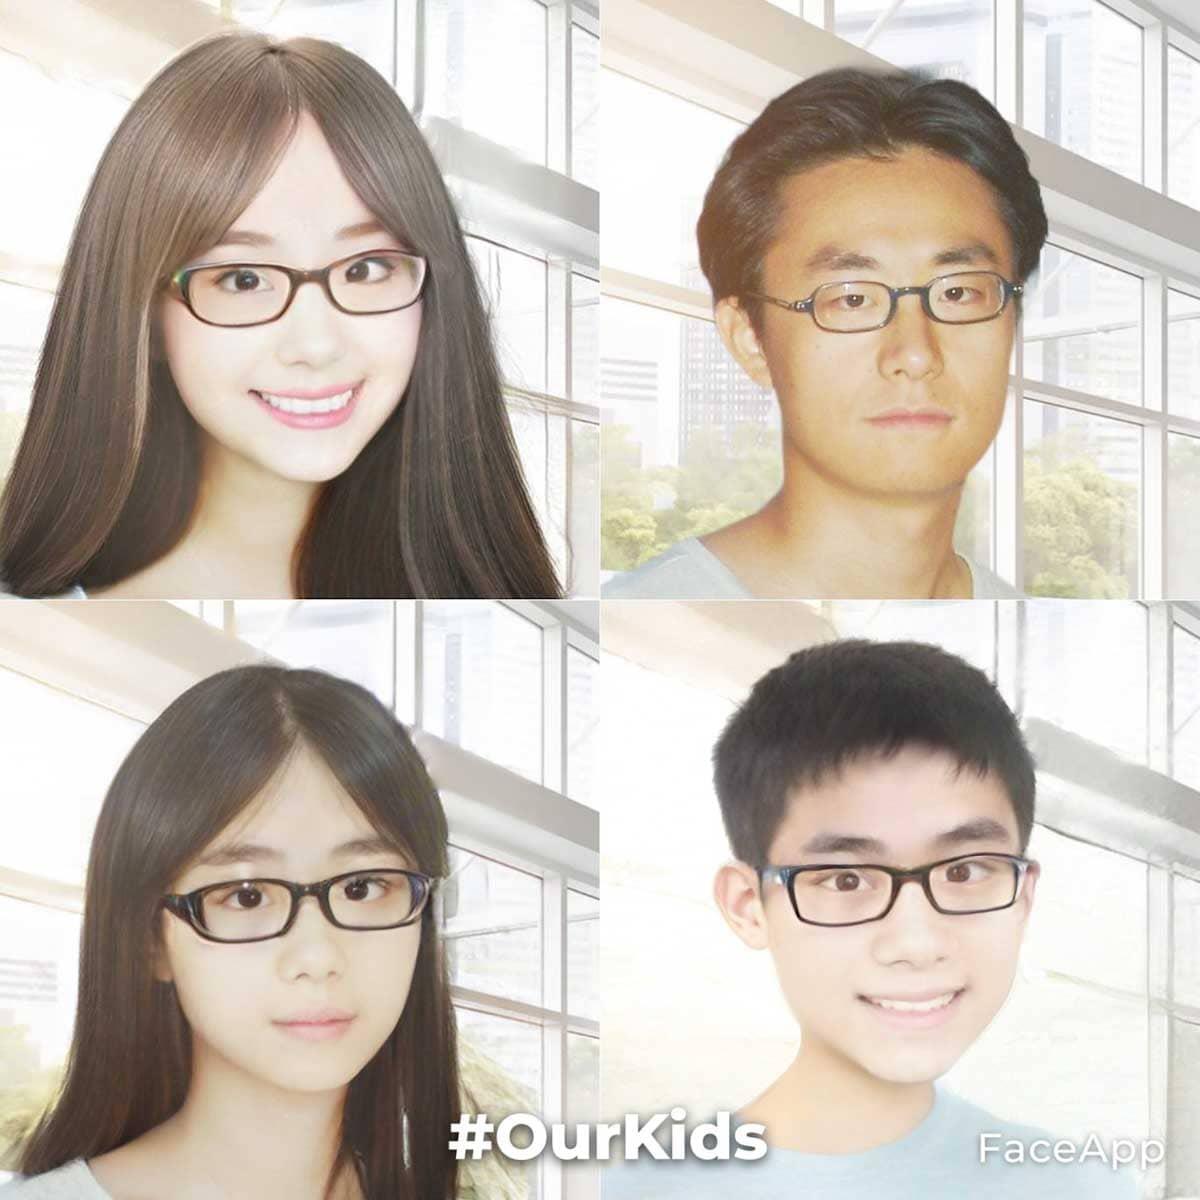 メガネをかけた子供